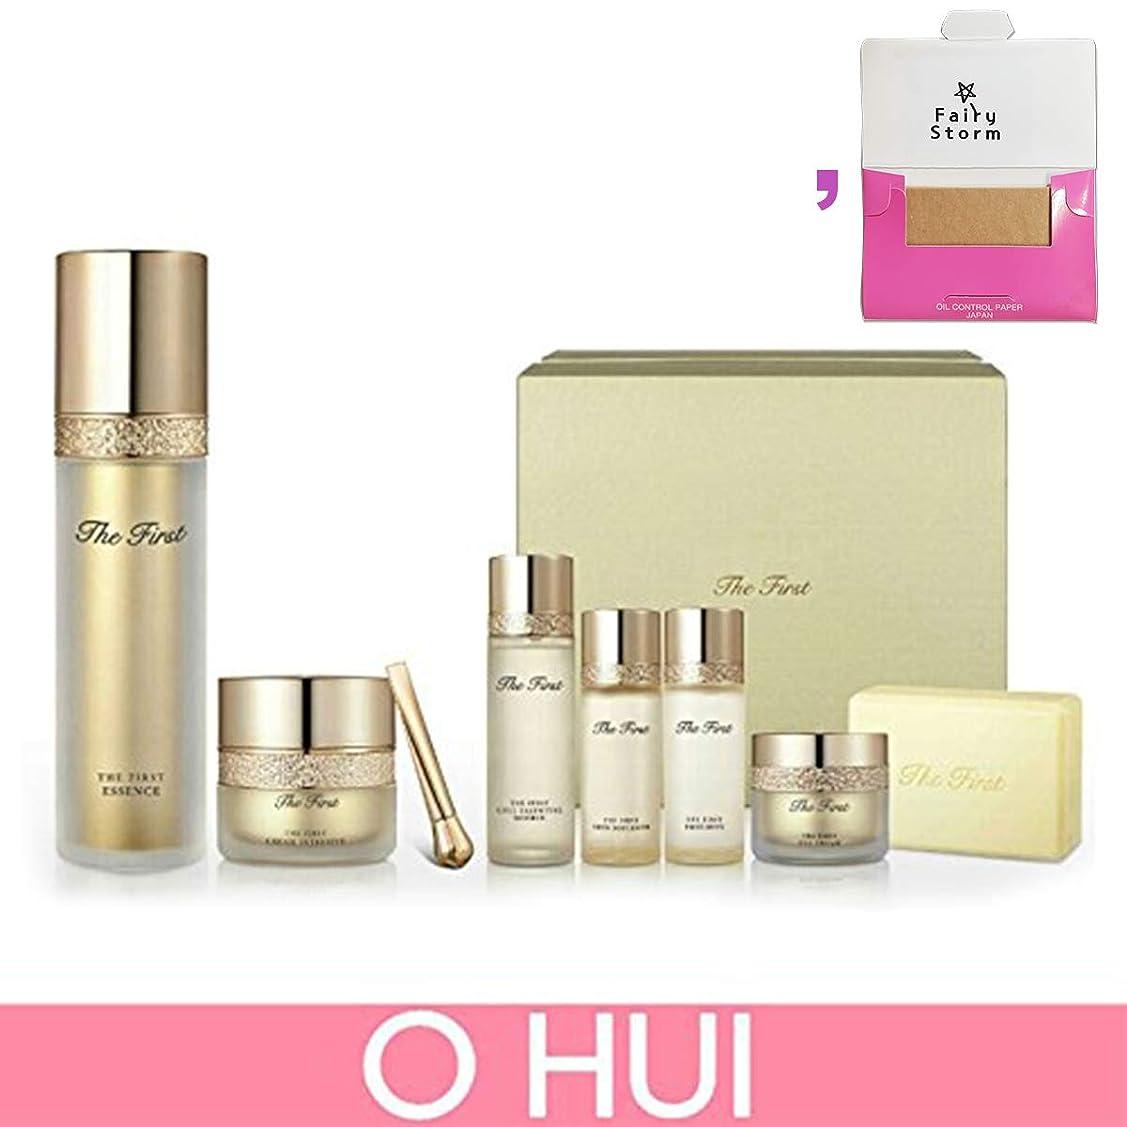 プラスチック管理者コミット[オフィ/O HUI]Ohui The First Essence Gold Edition Special Set 100ml /OH ザ ファースト エッセンス 100ml + [Sample Gift](海外直送品)